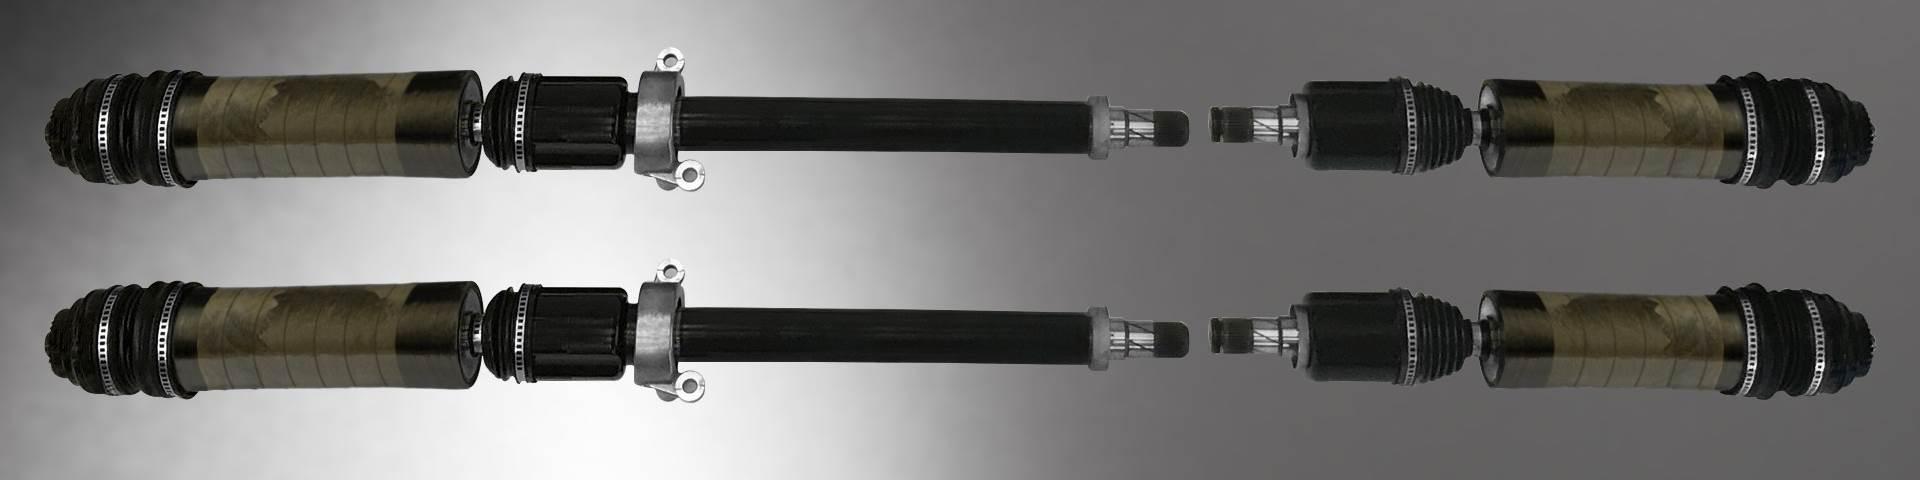 carbon fiber composite output shaft